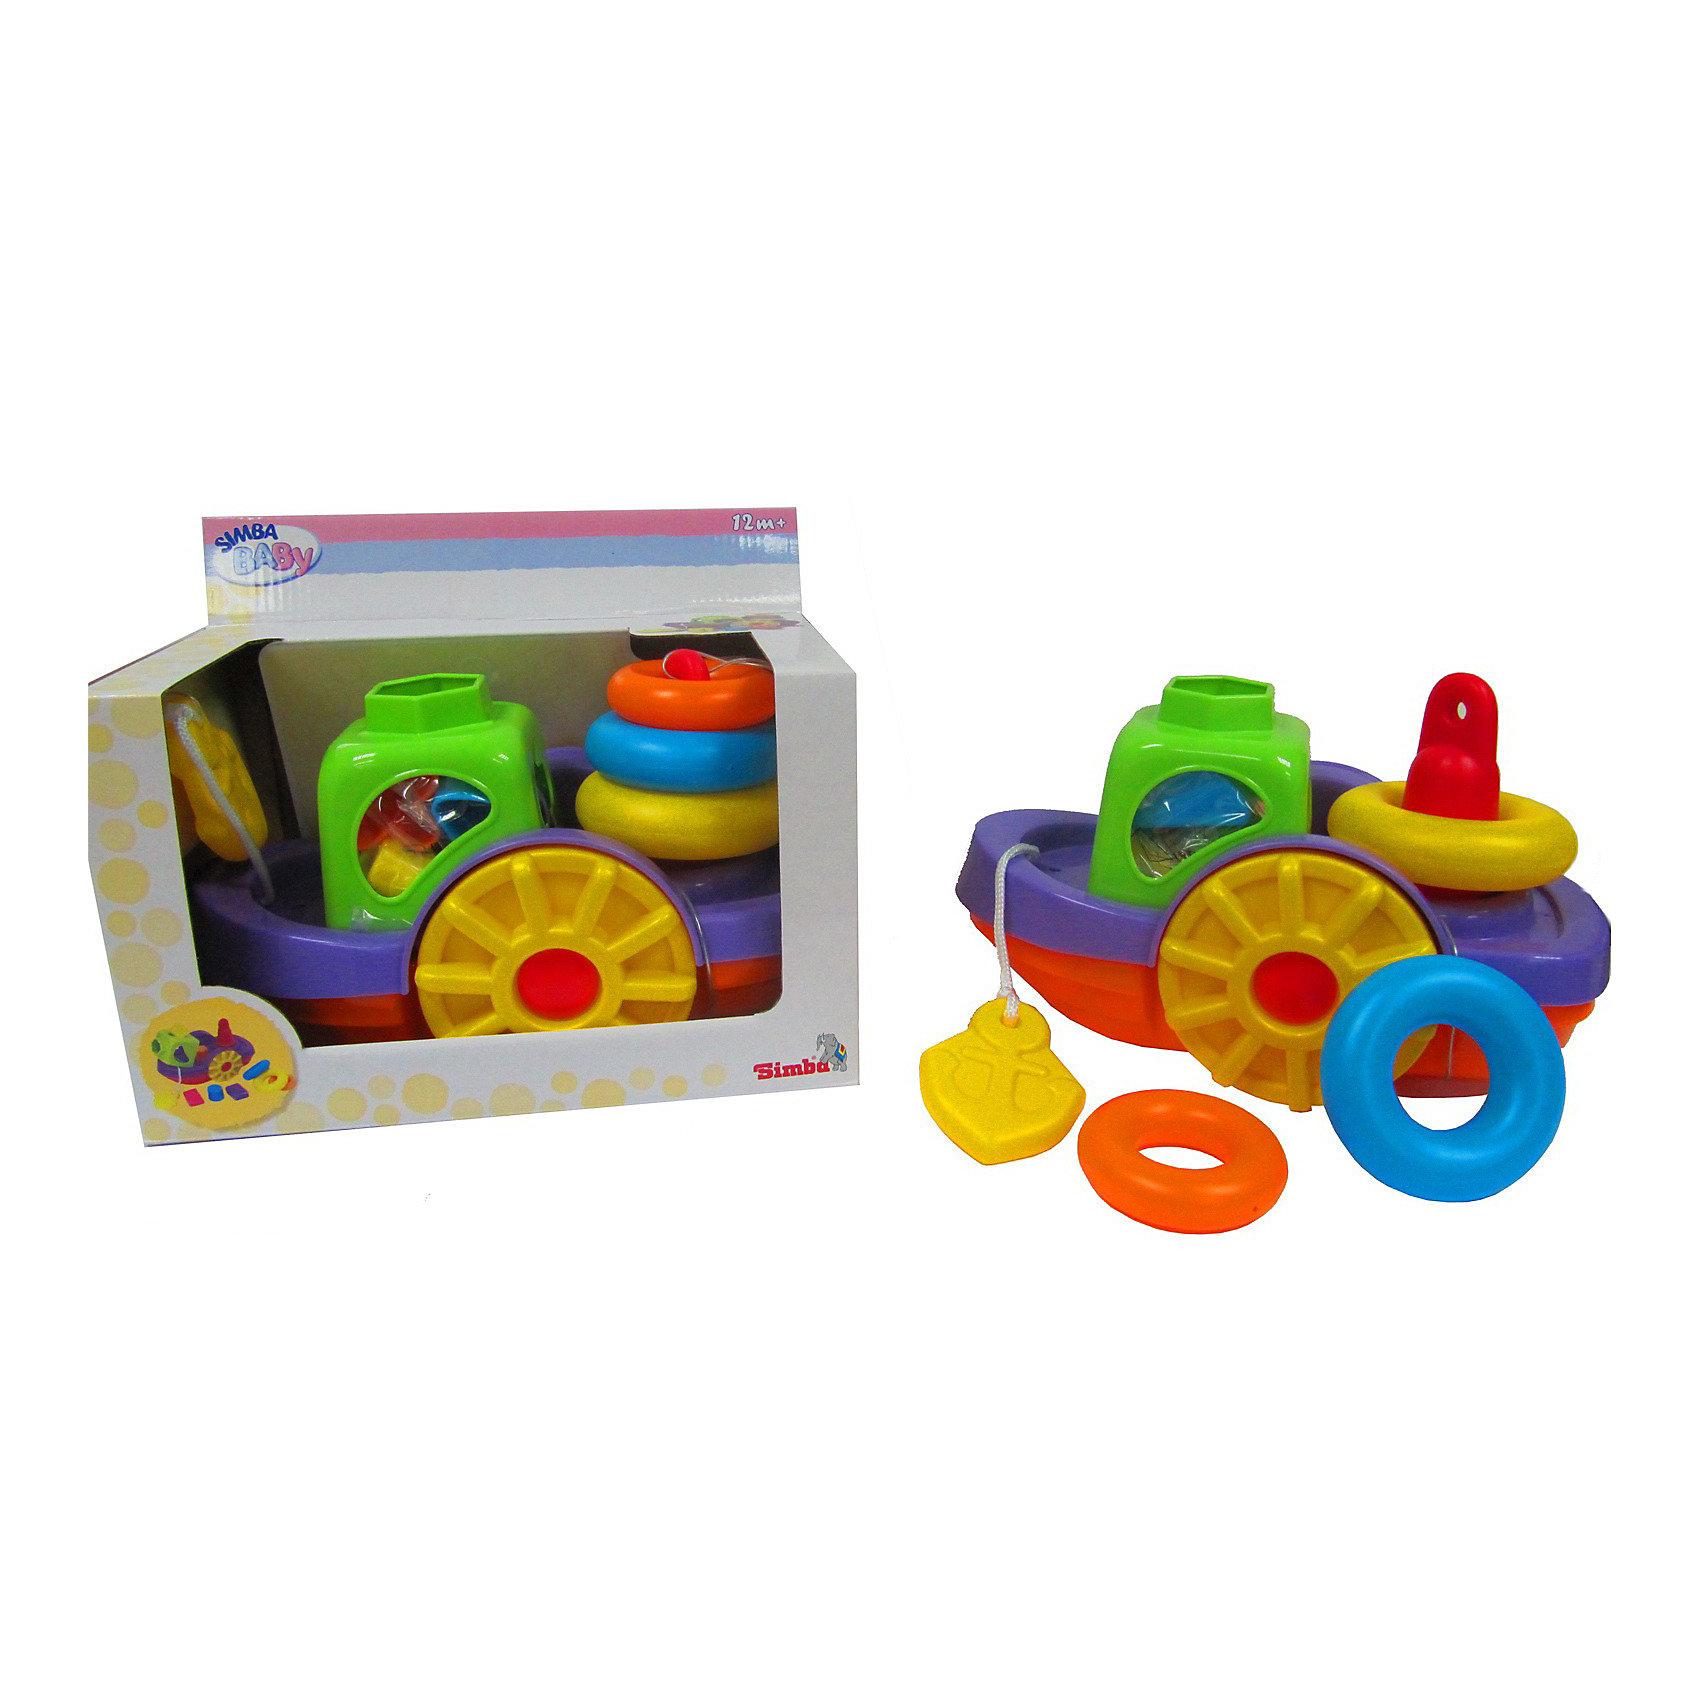 Simba Игрушки для ванныSimba Игрушки для ванны  -  занимательная игрушка 3 –в -1 для купания вашего малыша, выполненная в виде кораблика.<br><br>Чтобы купание в ванной проходило для вашего малыша еще интересней, компания Simbaприготовила для него несколько игрушек, укомплектованных в один набор. <br><br>Сюда входит яркий кораблик, сочитающий в себе, помимо водоплавающего судна,  также  пирамидку и сортер, которые полюбятся самым  маленьким  карапузам. <br><br>Дополнительная информация:<br><br>- Легкая игрушка, которая не тонет в воде.<br>- Материал: пластмасса.<br>- Размер игрушки: длина - 260 мм, ширина - 140 мм, высота - 170 мм.<br><br>Малыш с удовольствием будет принимать в ванну, ведь вместе с ним теперь будет купаться такая чудесная  и яркая игрушка в форме кораблика. Купание  станет еще веселей и приятней!<br><br>Ширина мм: 220<br>Глубина мм: 270<br>Высота мм: 150<br>Вес г: 400<br>Возраст от месяцев: 12<br>Возраст до месяцев: 2147483647<br>Пол: Мужской<br>Возраст: Детский<br>SKU: 2261014